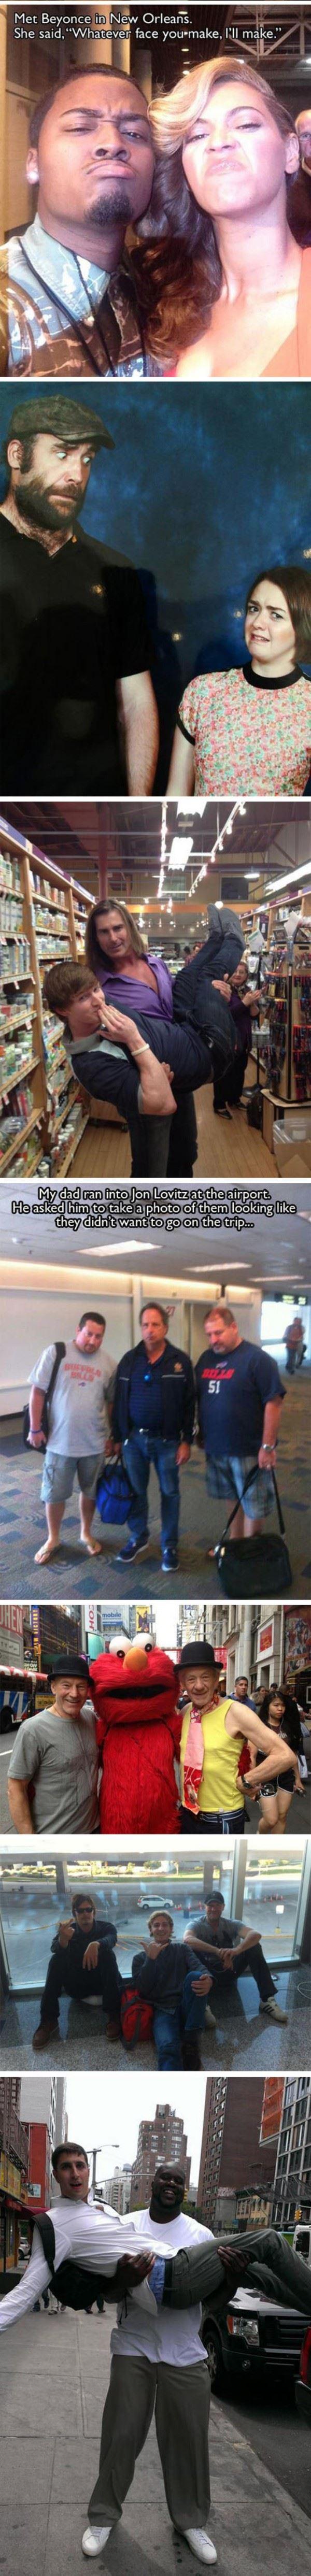 Meeting Celebrities